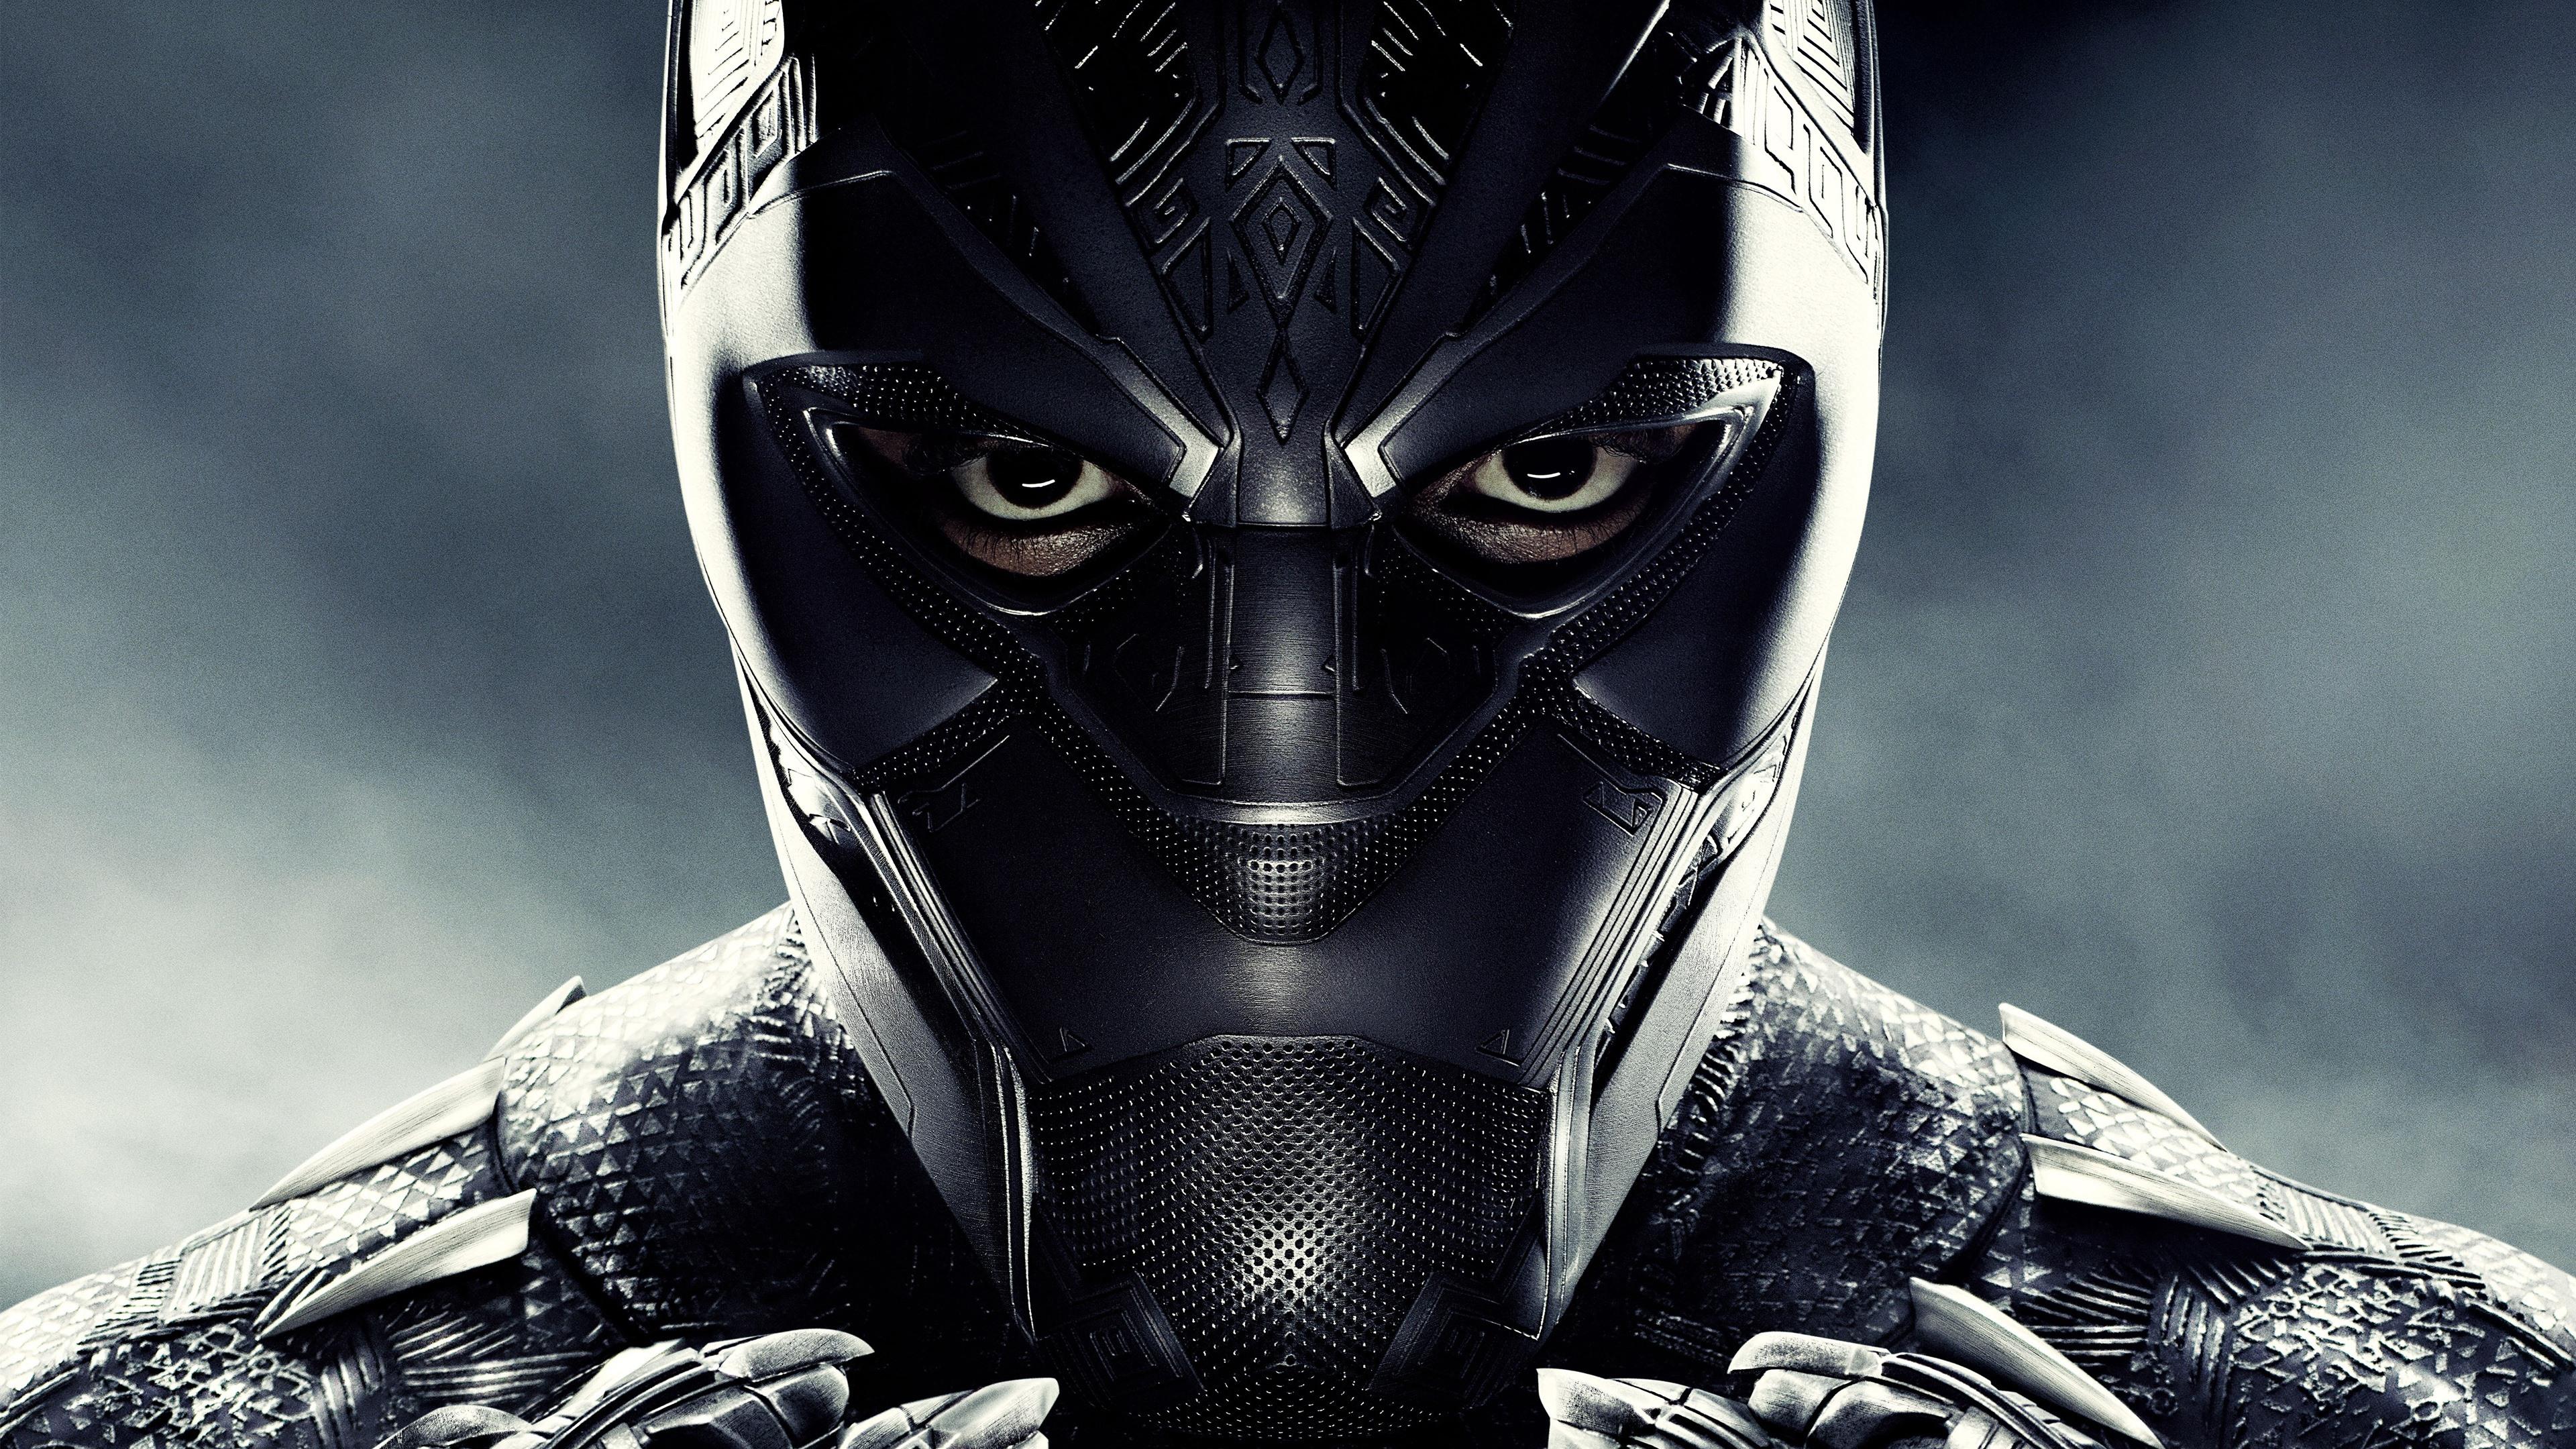 Fondos 4k Hd De Panteras Negras: Fondos De Pantalla Pantera Negra, Máscara, Superhéroe